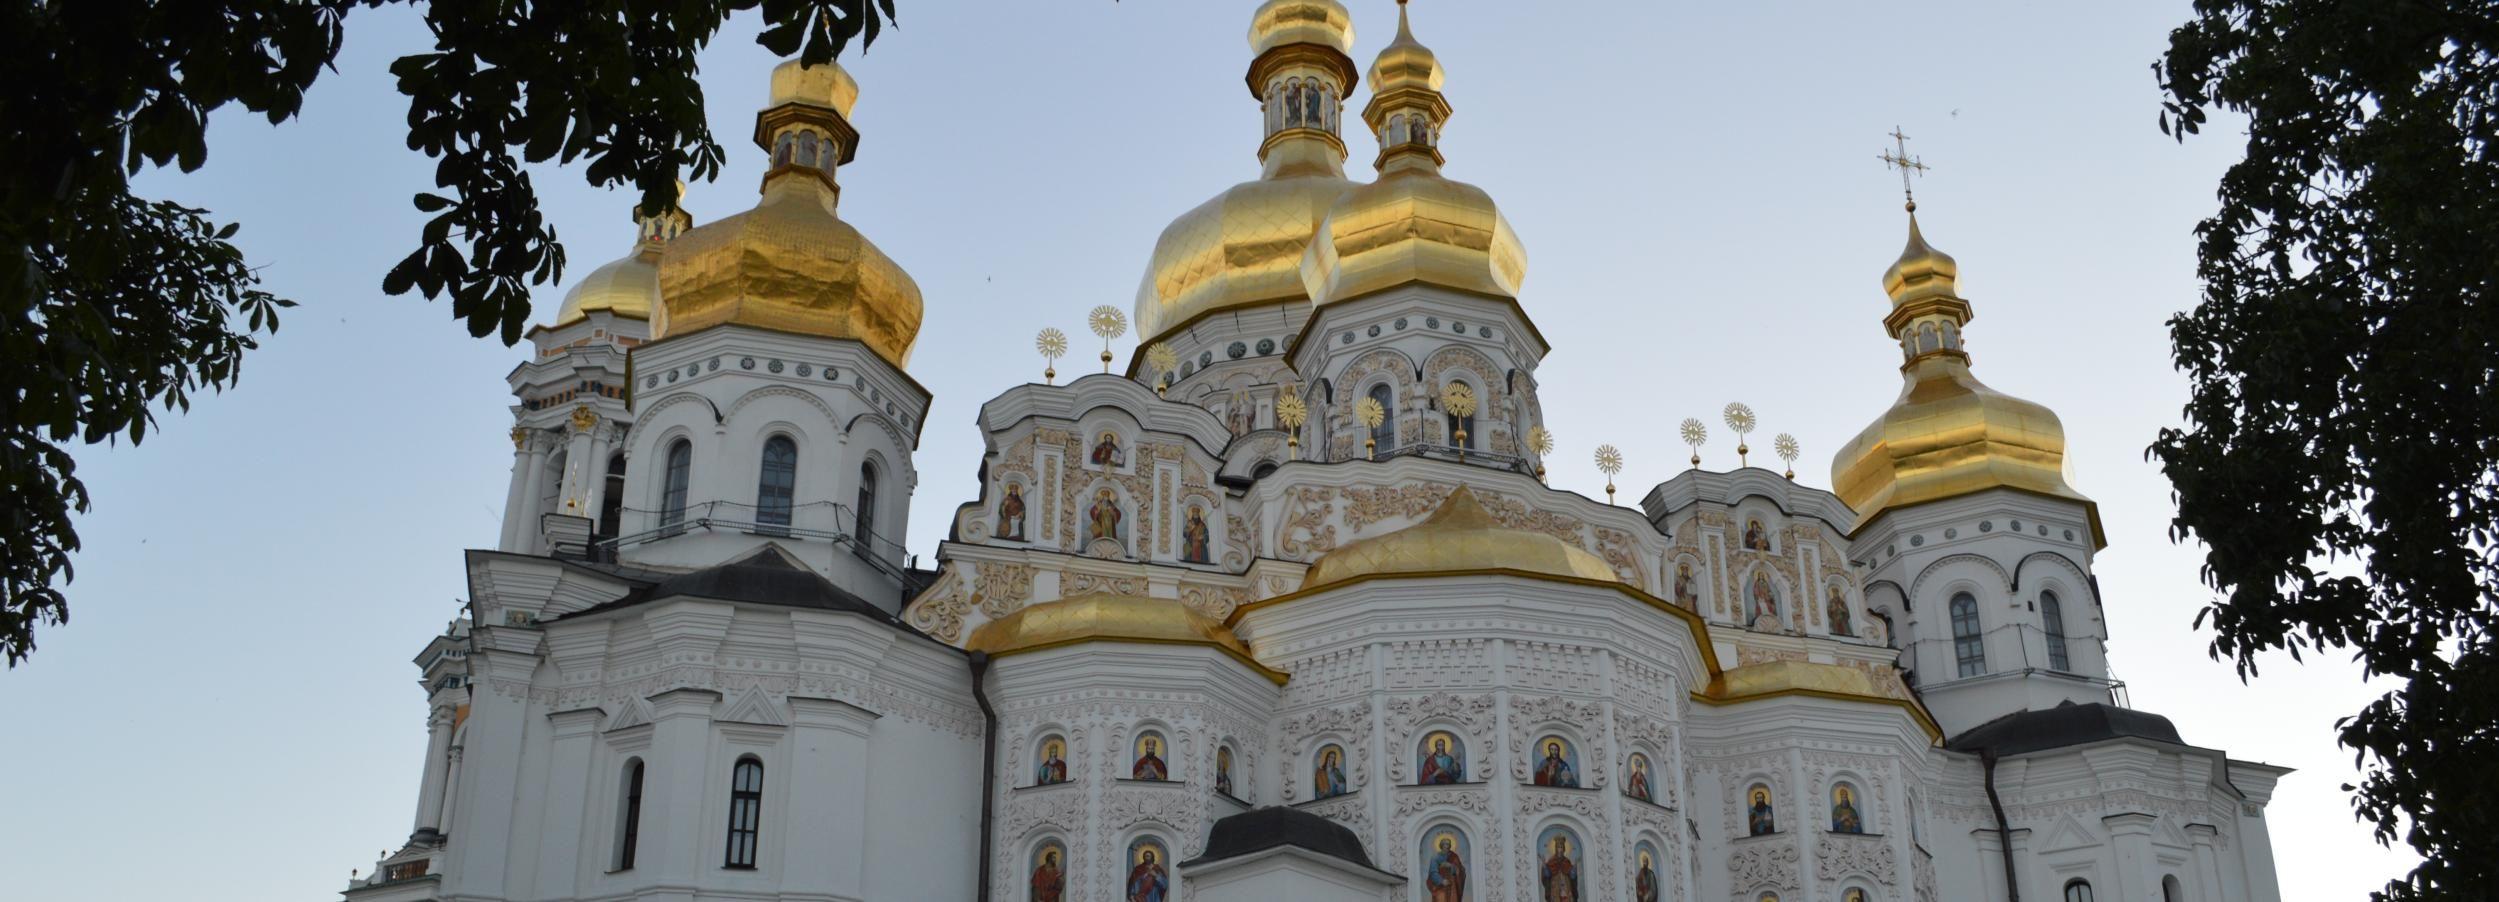 Prive Tour van Kiev Pechersk Lavra